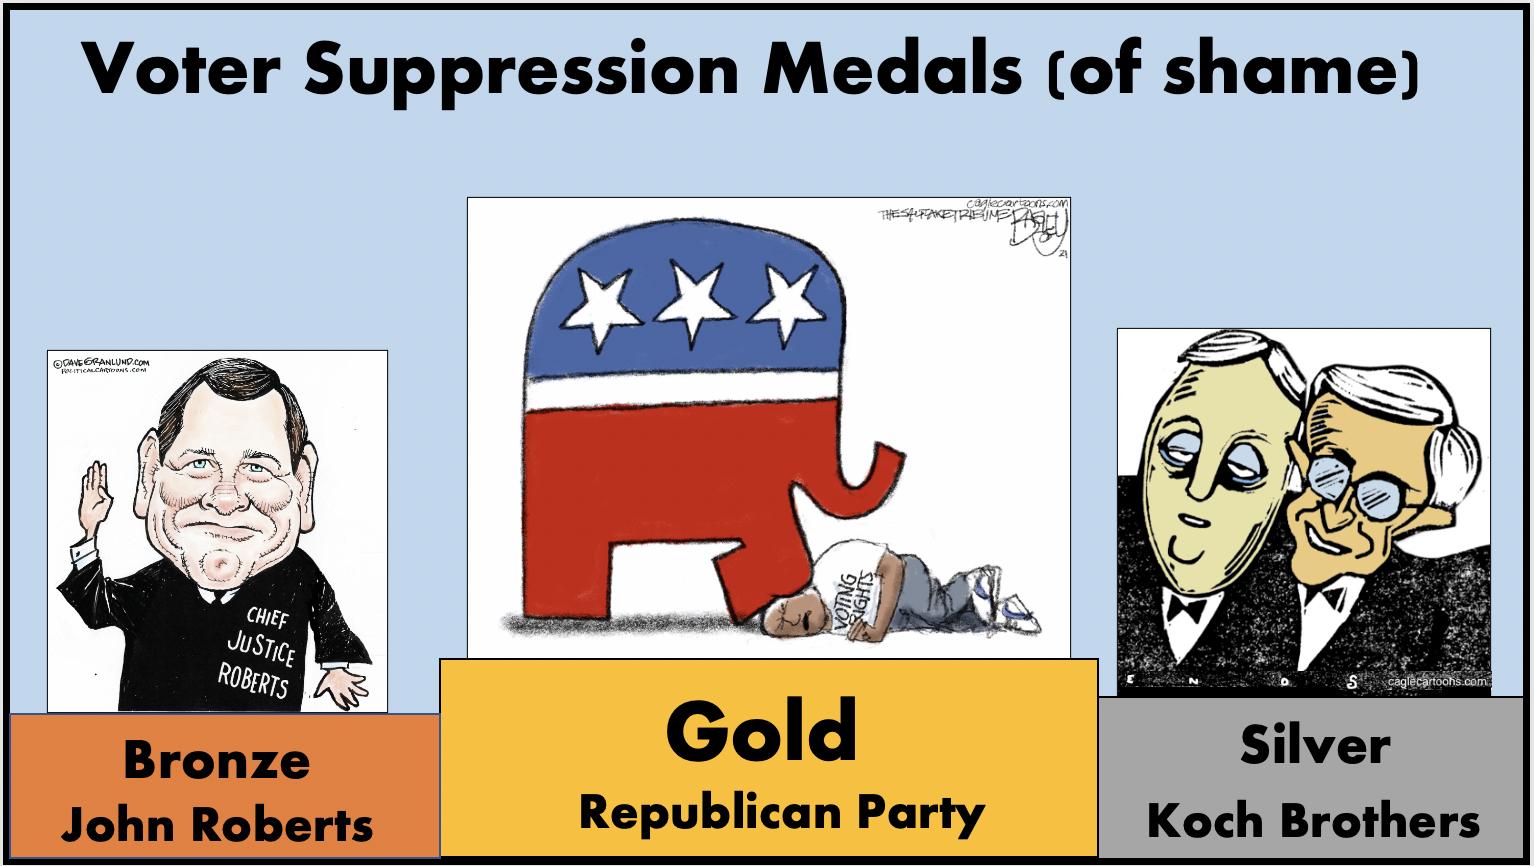 Voter suppression medals of shame